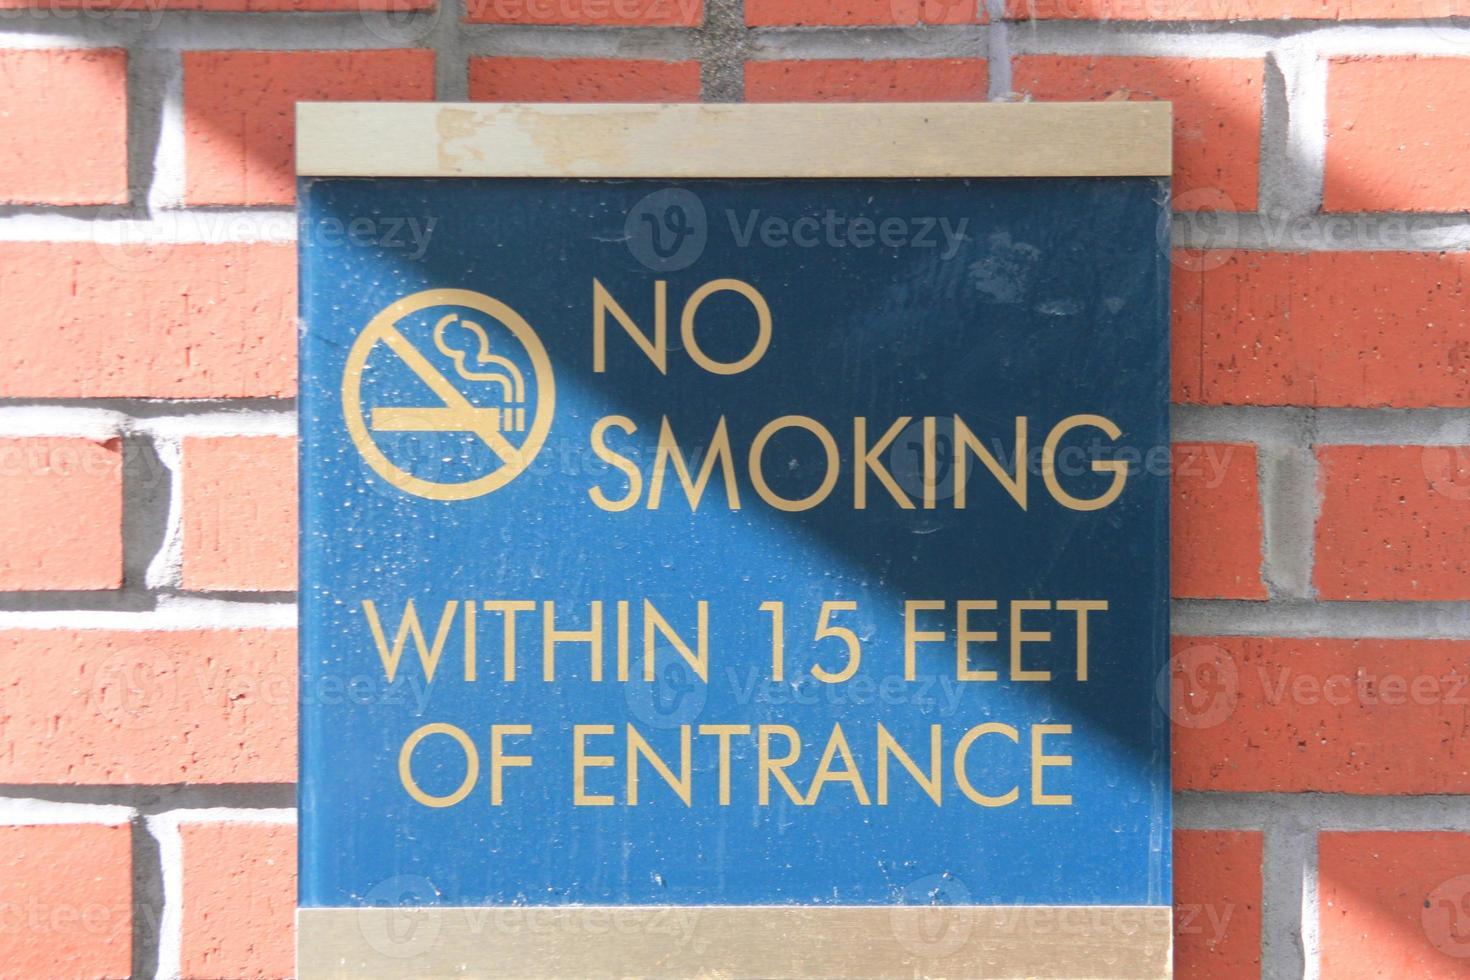 Nichtraucher innerhalb von 15 Fuß vom Eingangsschild foto